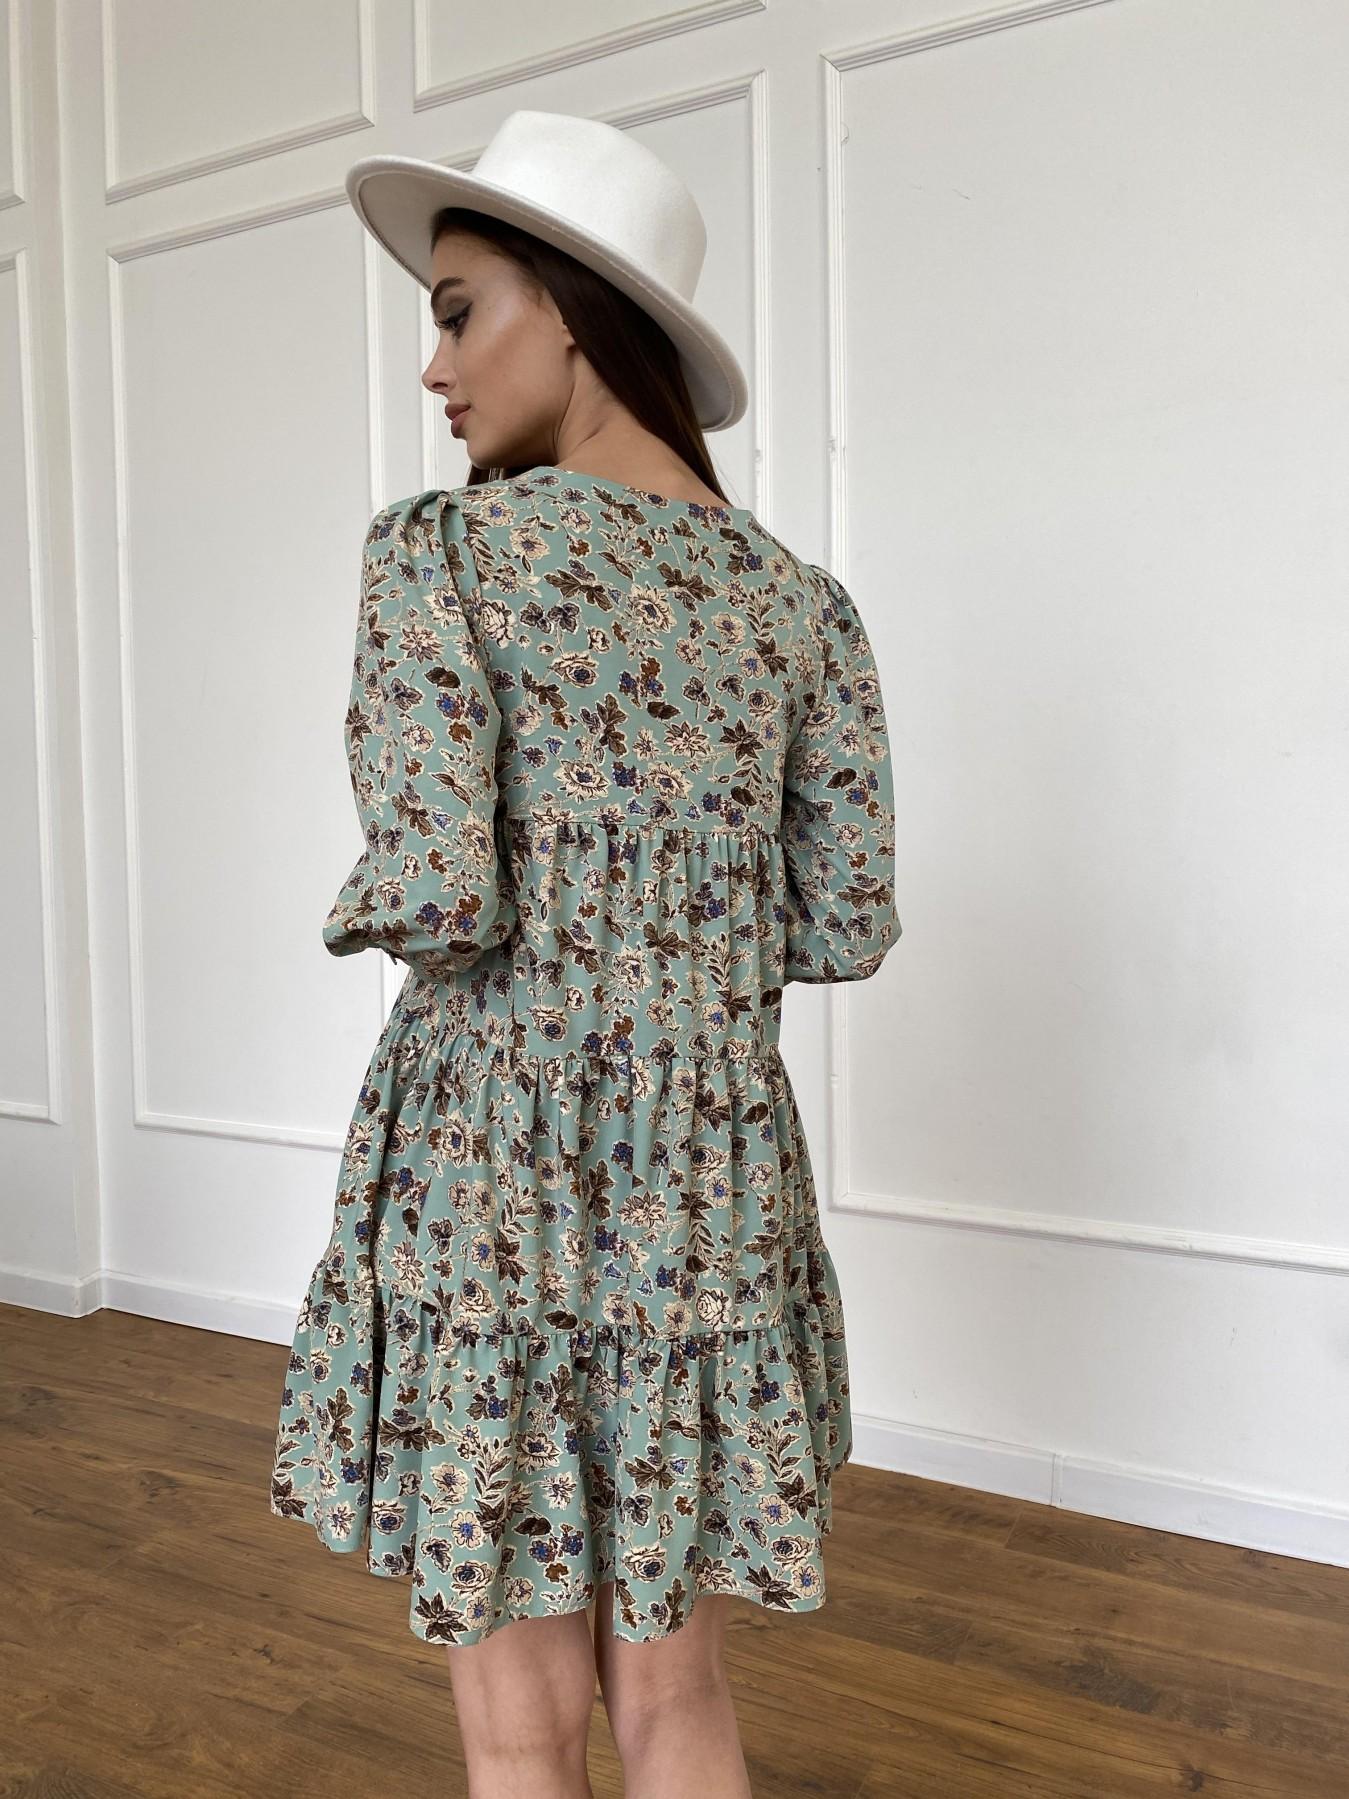 Берри платье из ткани софт в принт 11211 АРТ. 47722 Цвет: Олива/бежевый, Цветы - фото 13, интернет магазин tm-modus.ru